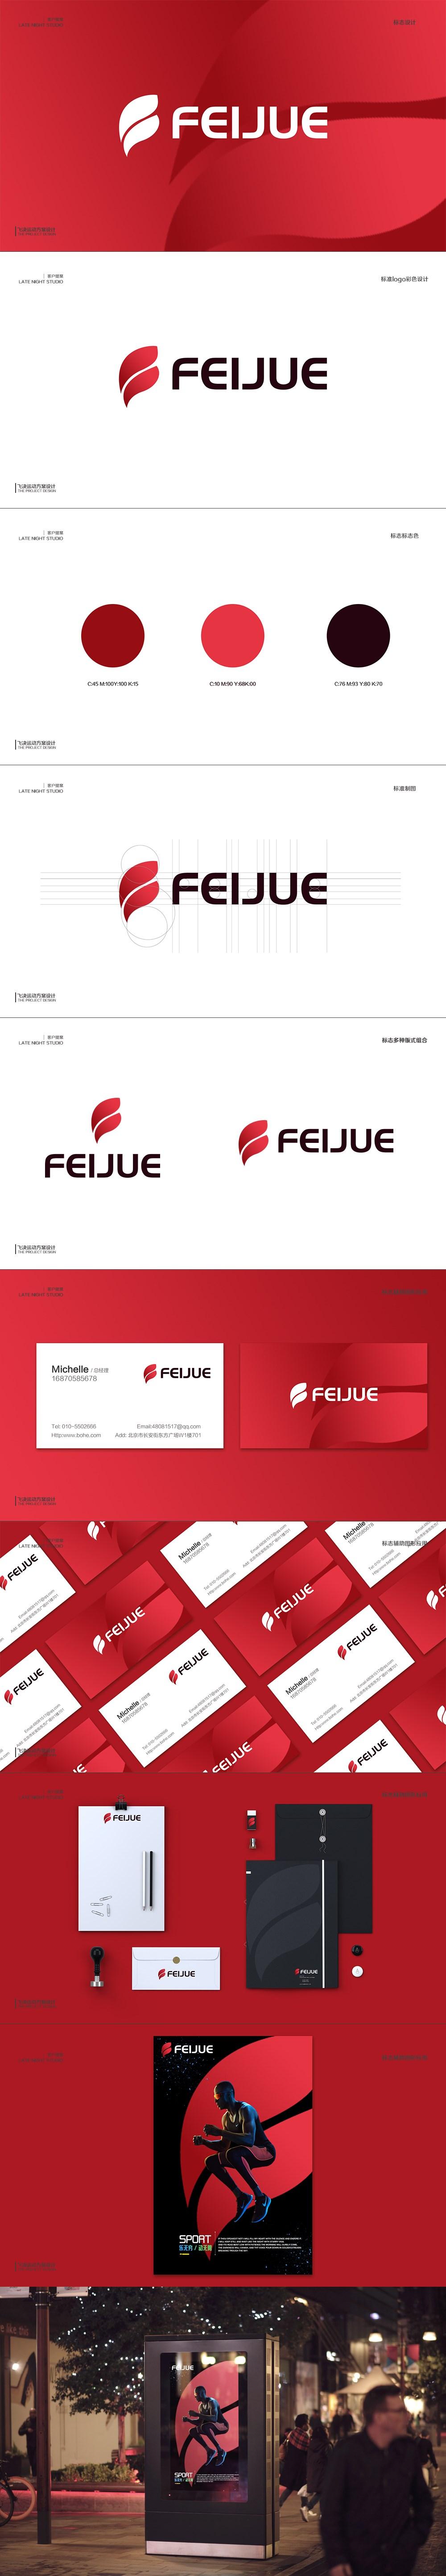 飞决 运动品牌 logo设计 vi设计